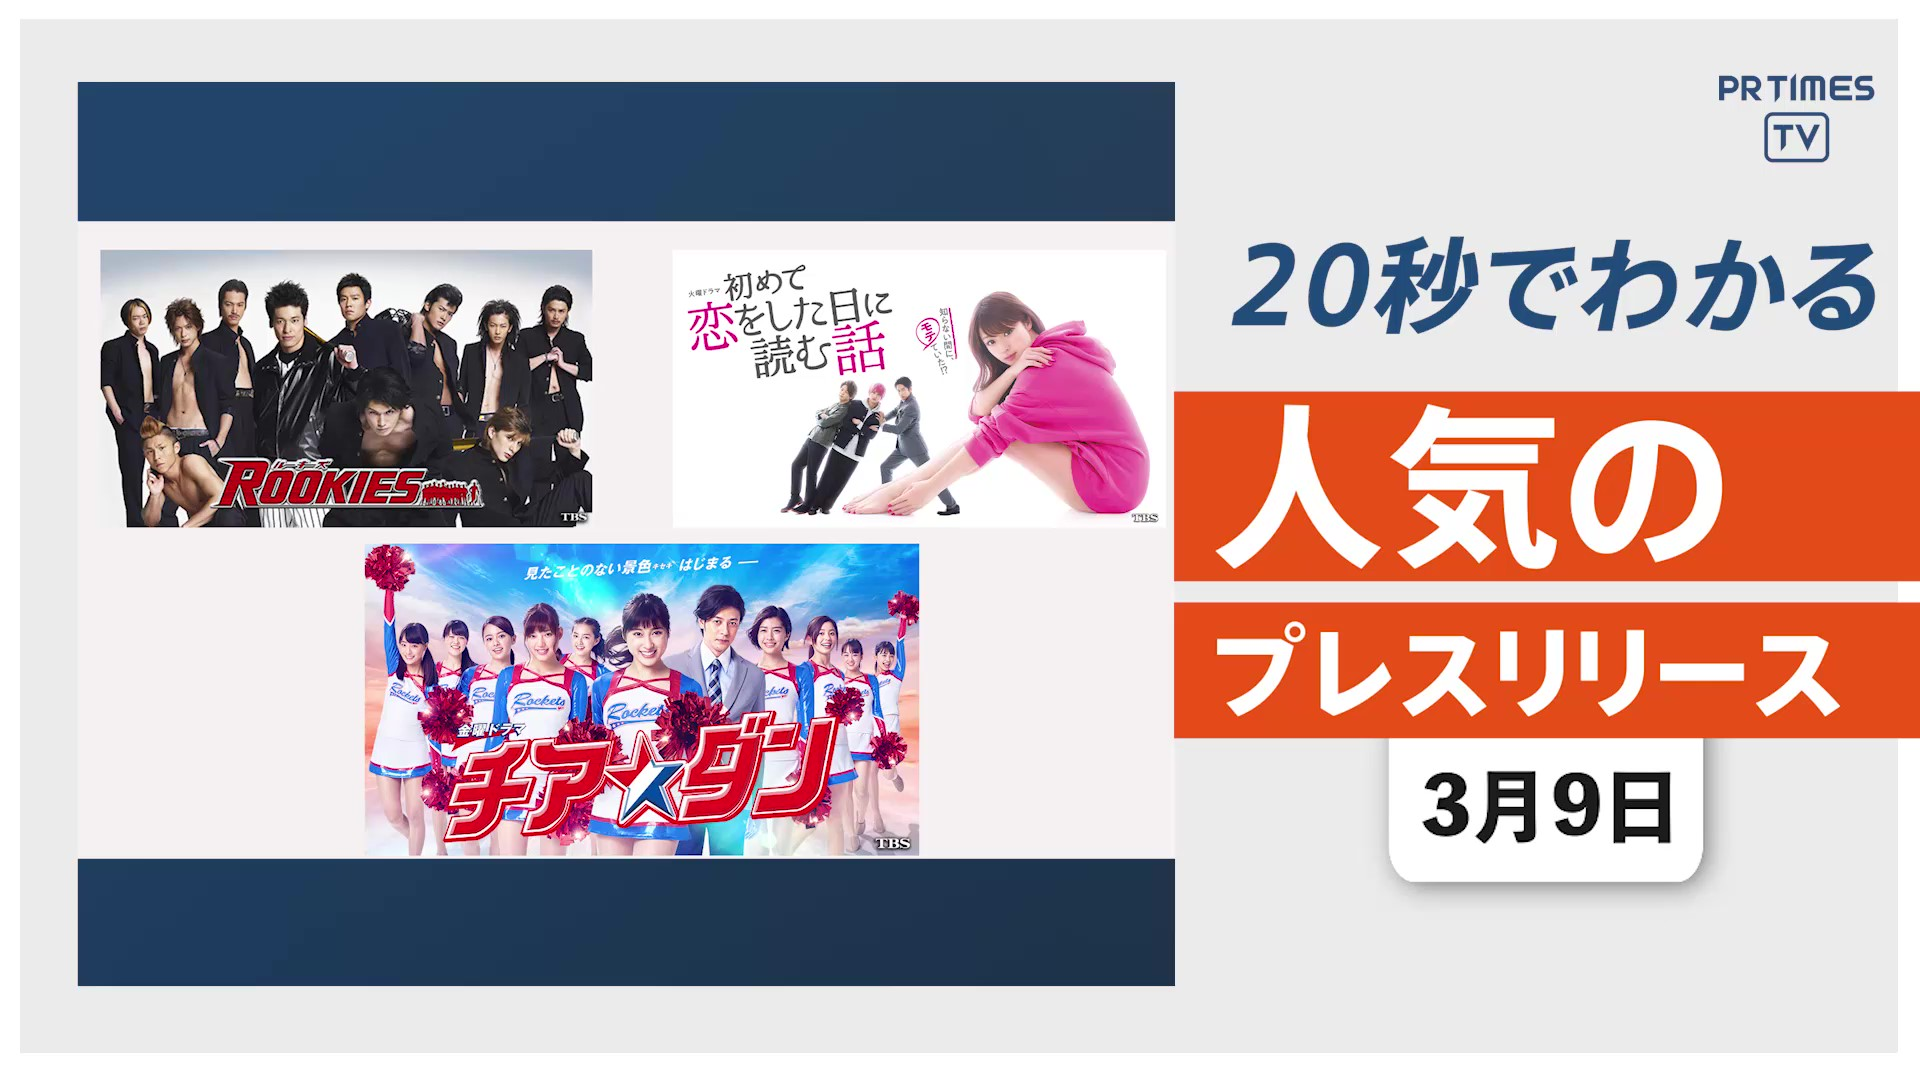 【「Paravi」人気のドラマ22作品を 期間限定で無料公開】他、新着トレンド3月9日